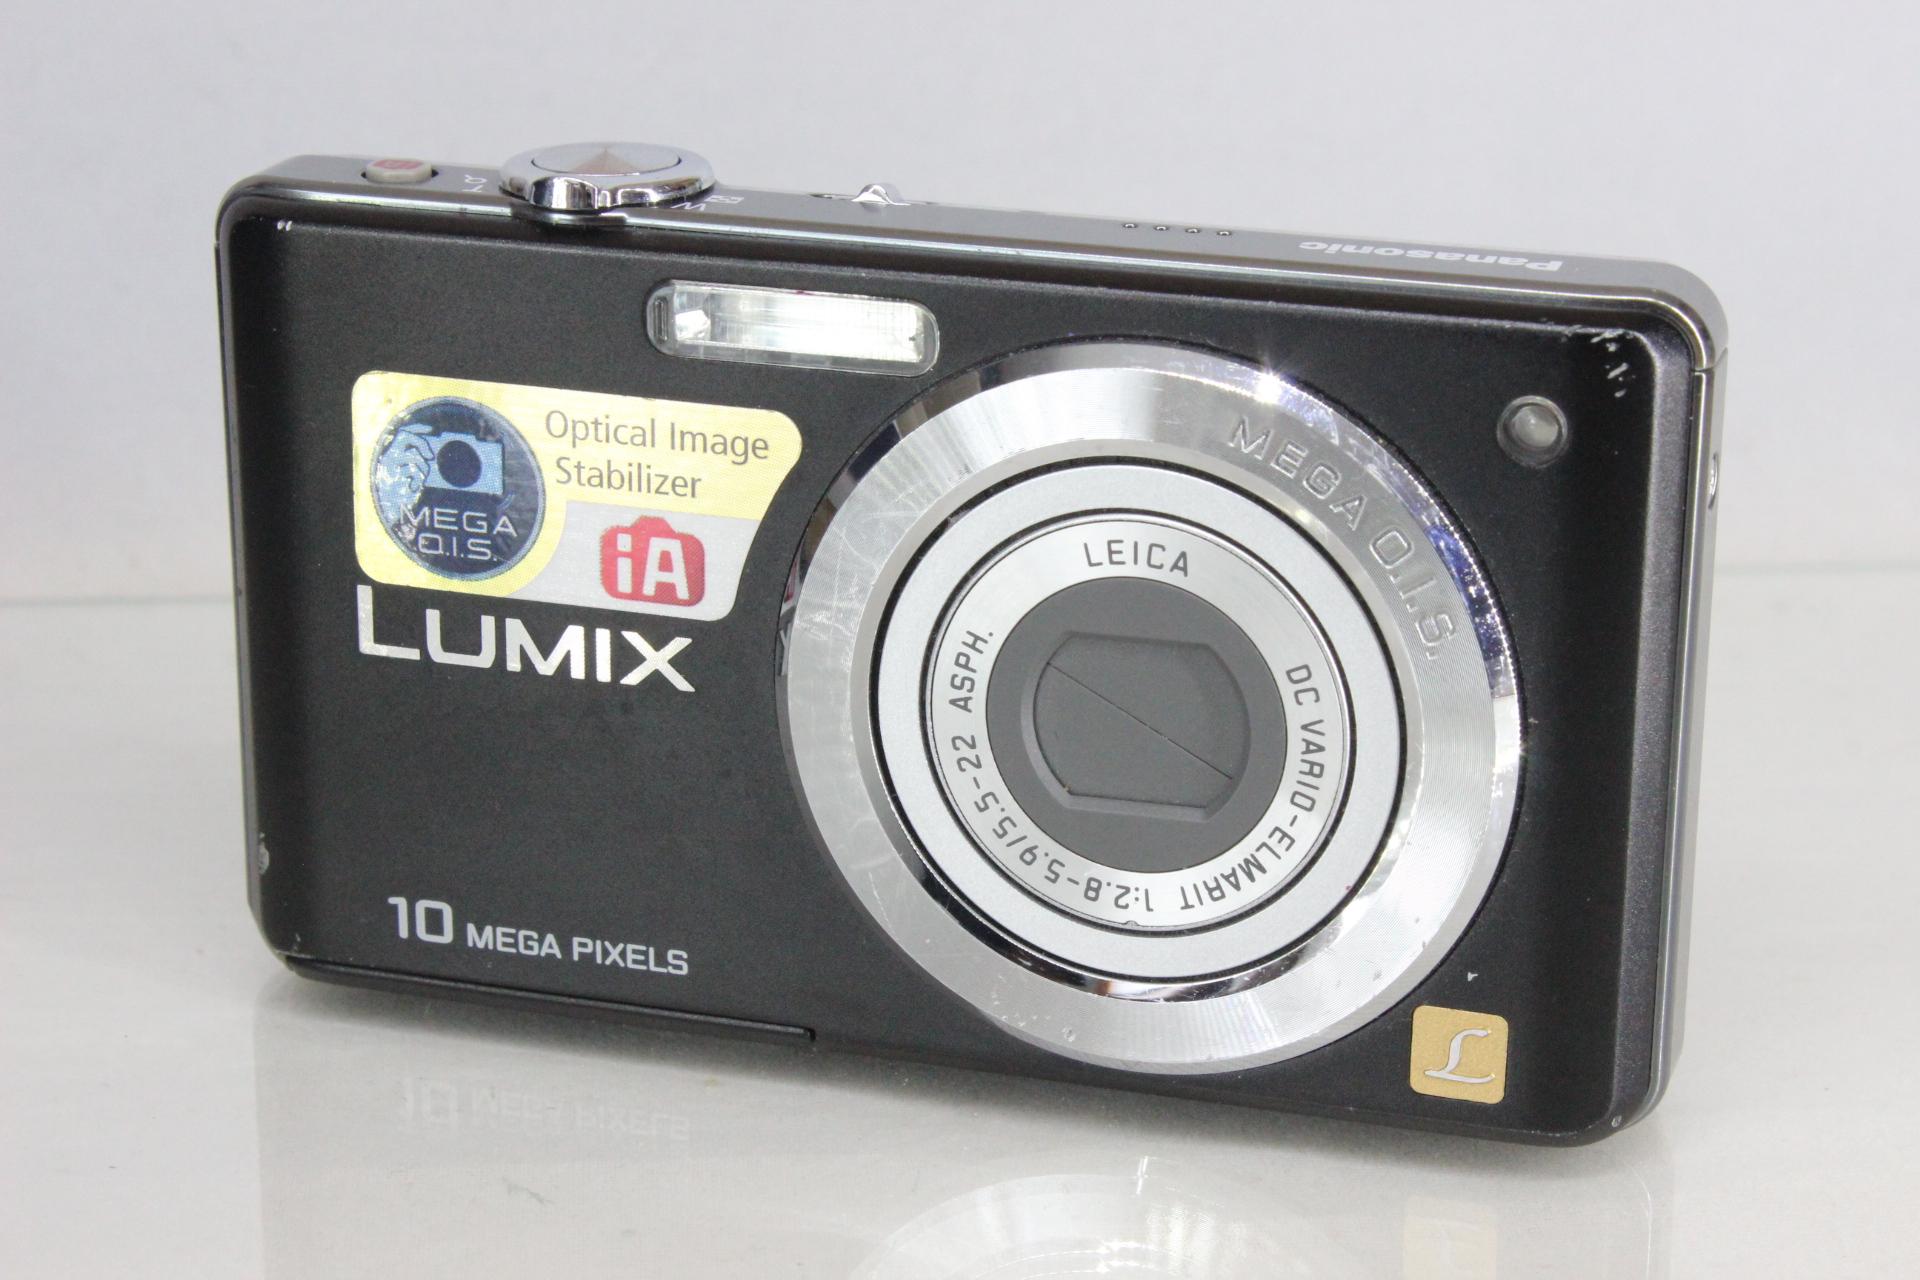 lumix dmc fs62 manual various owner manual guide u2022 rh justk co Panasonic Product Manuals Panasonic Manual Ra 6800